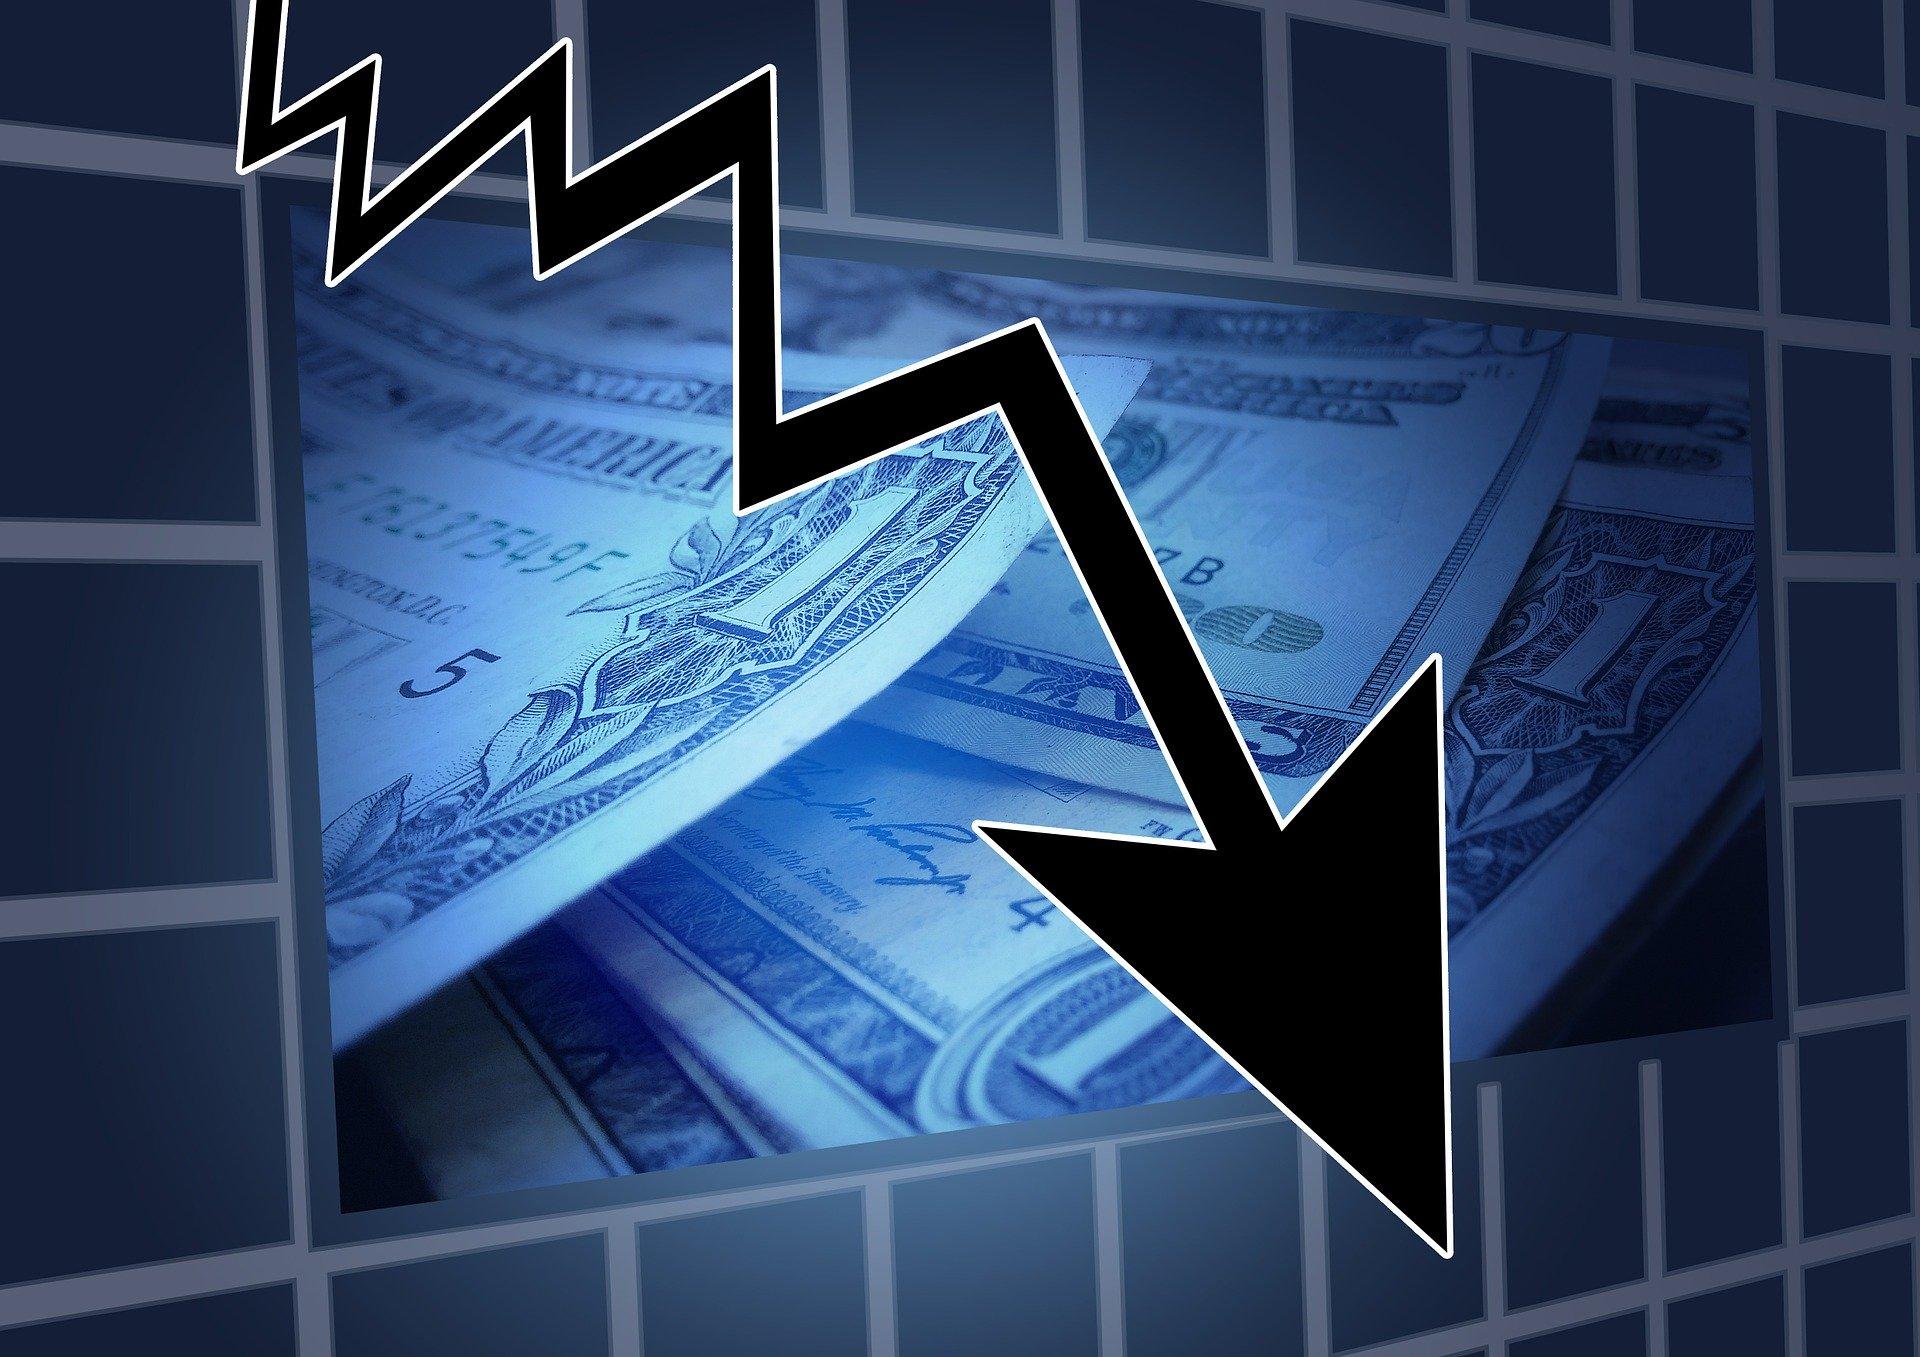 BCN sorprende con una disminución de solo 3.9 % del PIB